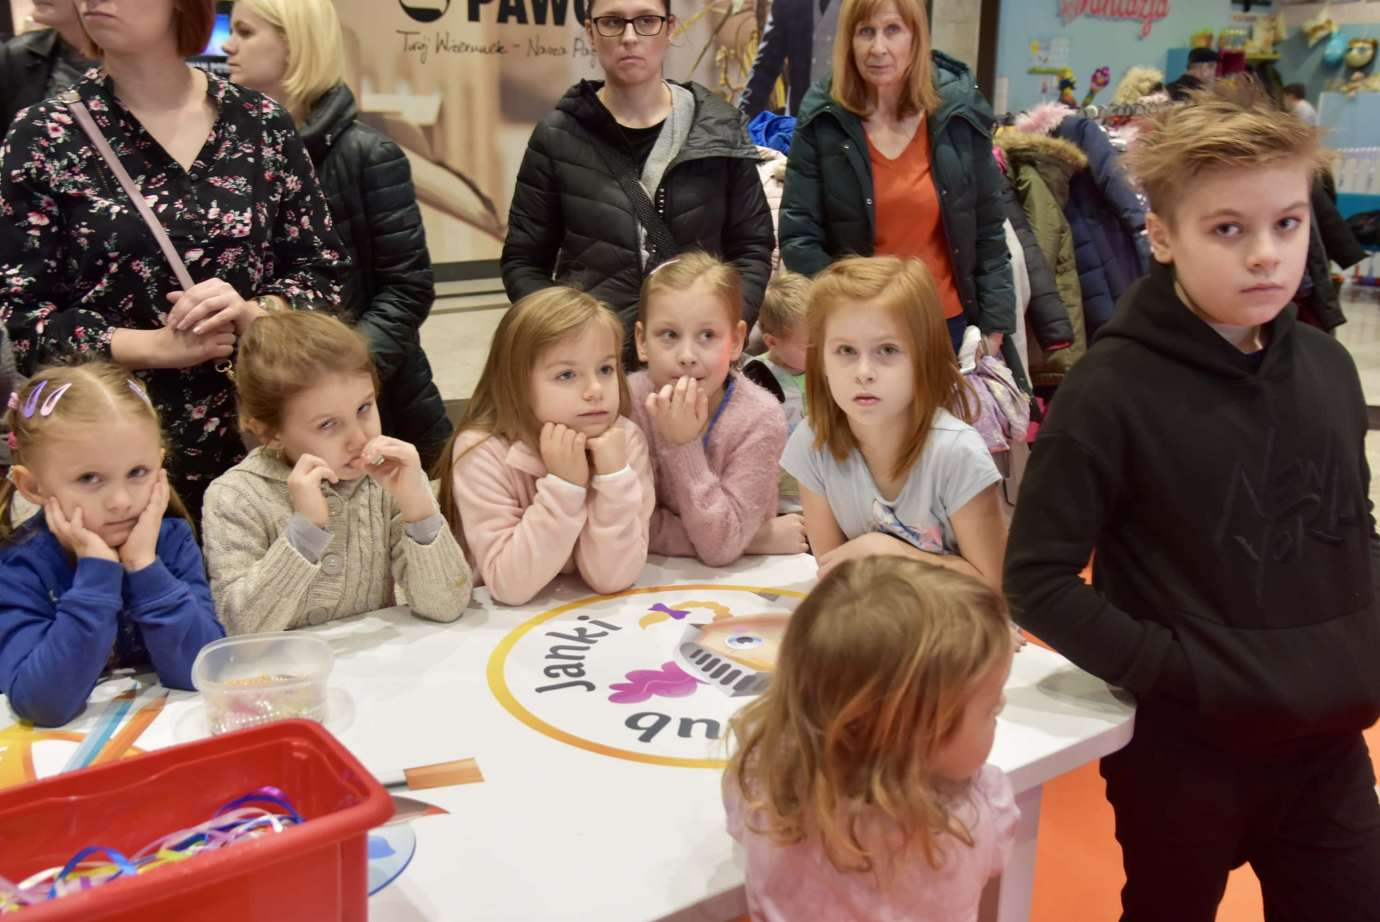 dsc 3894 Zabawa kreatywnych dzieciaków w Galerii Handlowej Twierdza (filmy i zdjęcia)